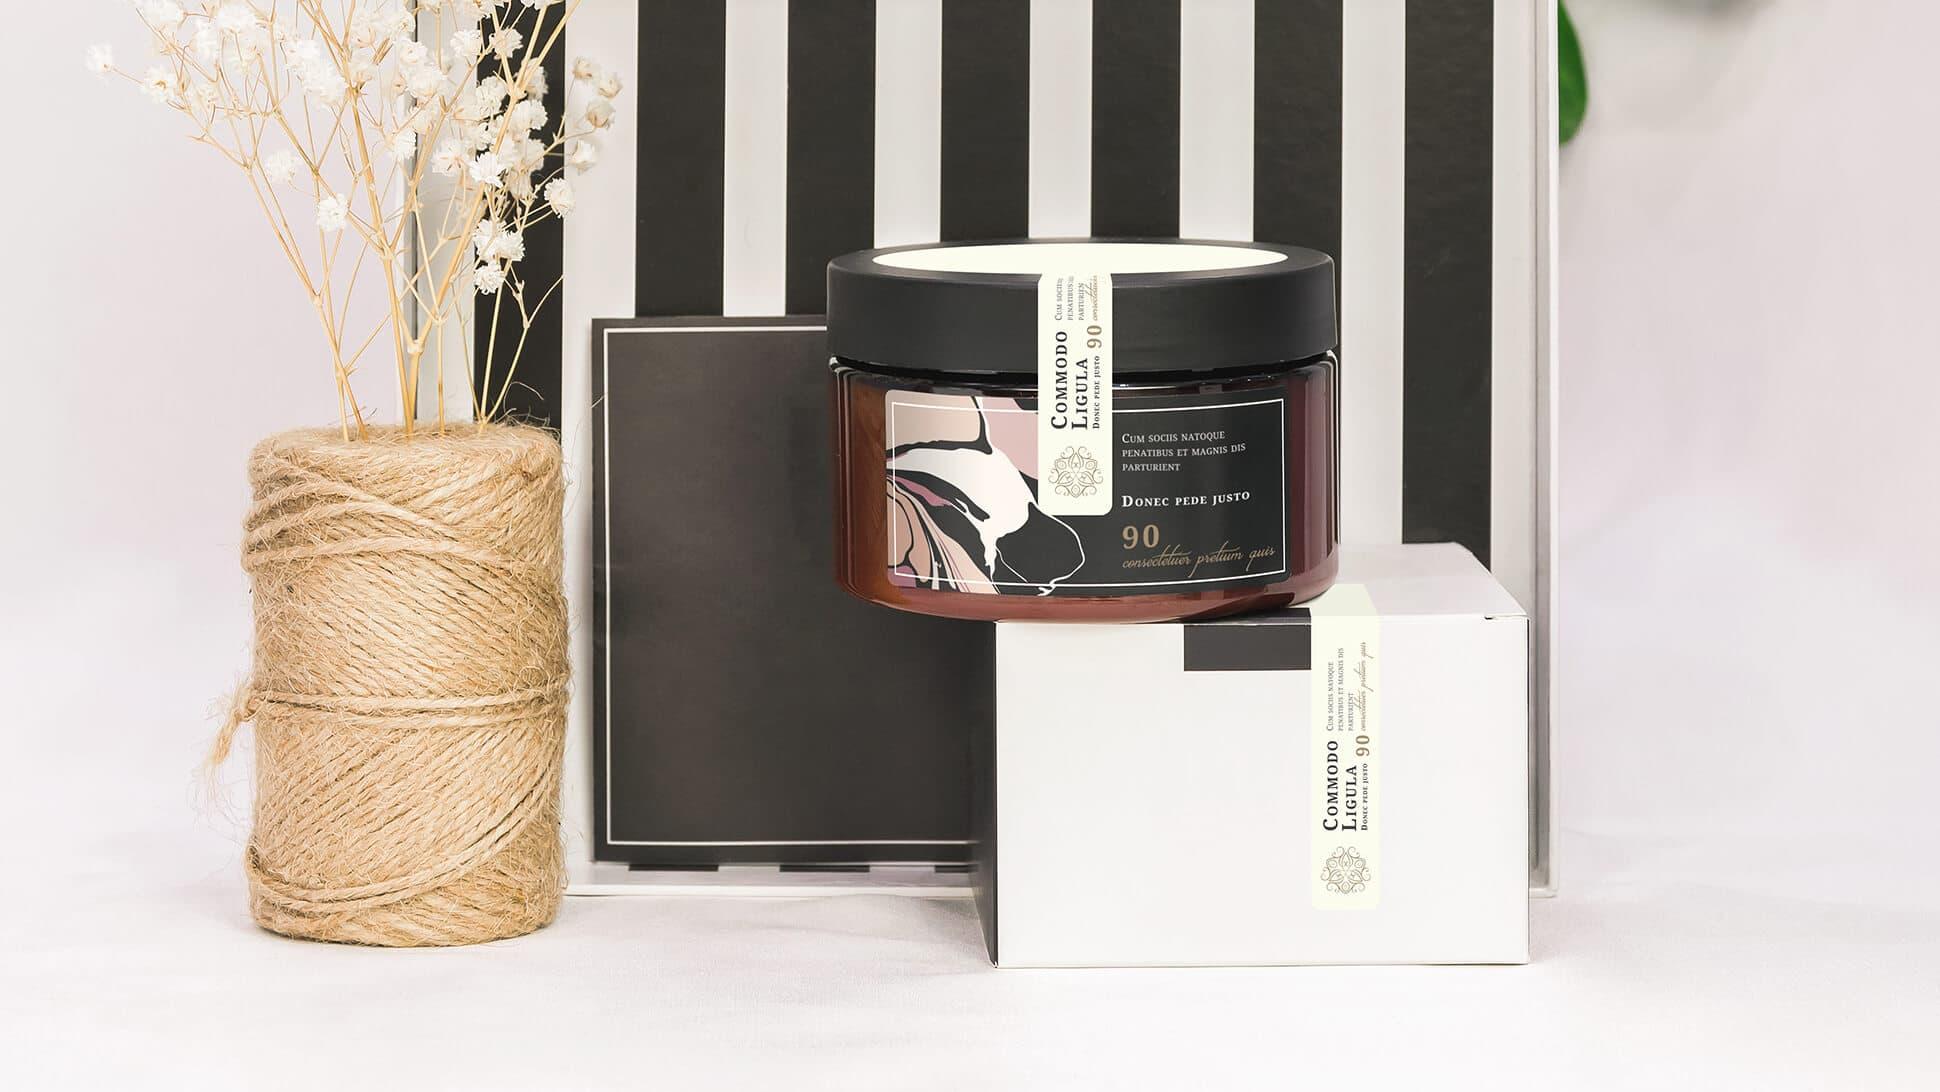 Etichette in bobina per vasetti e flaconi di cosmetica | tictac.it